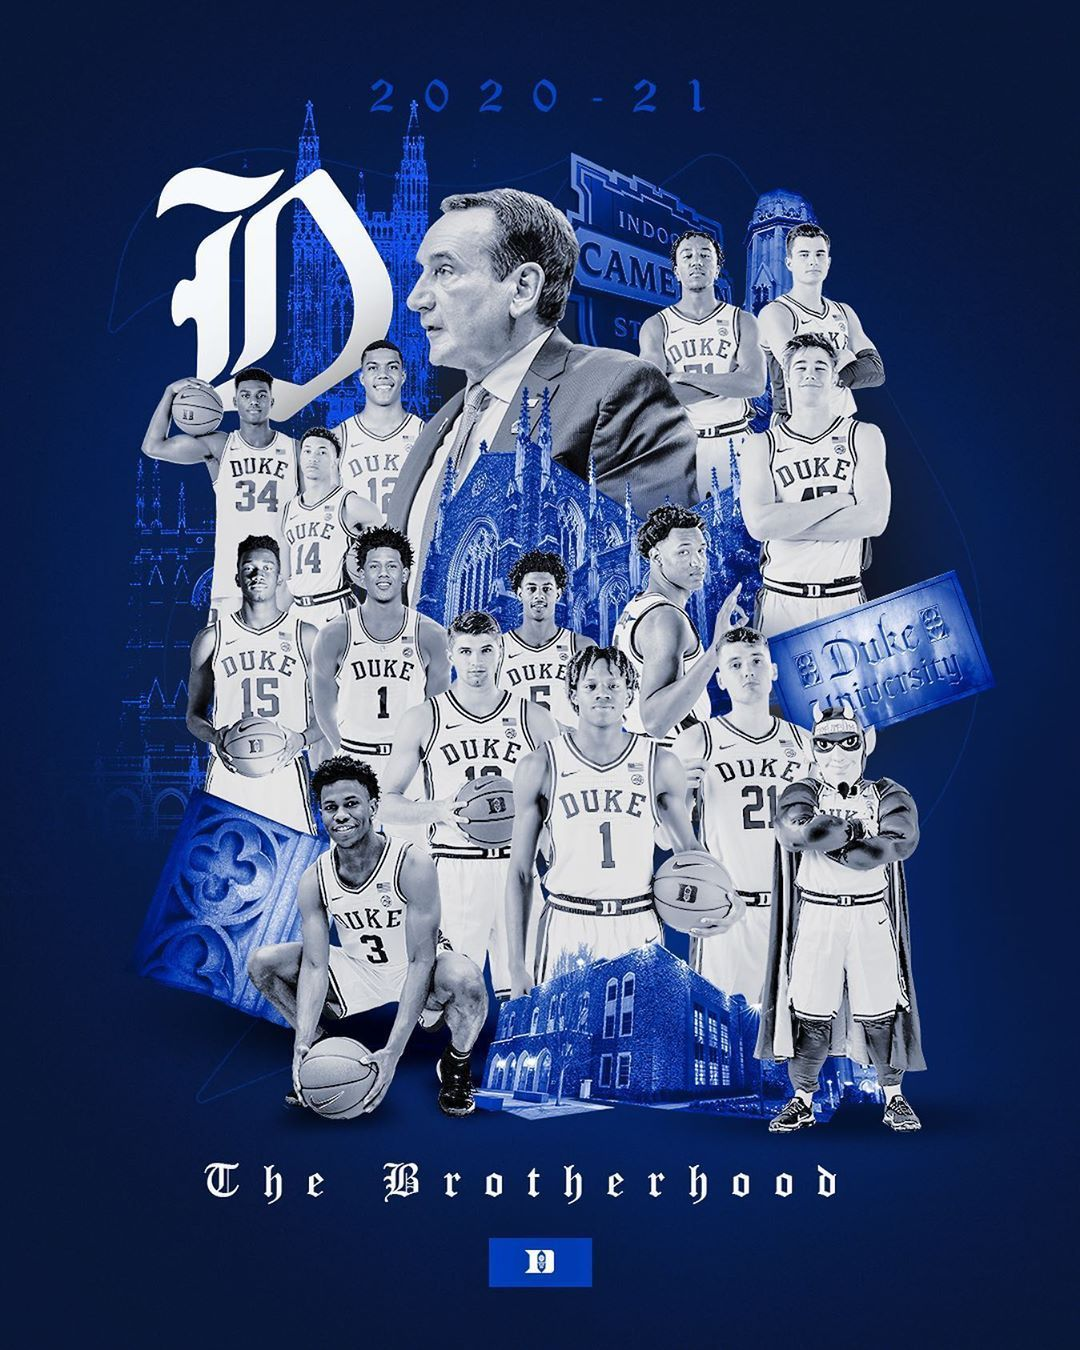 """Duke Men's Basketball on Instagram """"𝔗𝔥𝔢 𝔅𝔯𝔬𝔱𝔥𝔢𝔯𝔥𝔬𝔬𝔡 20/21"""